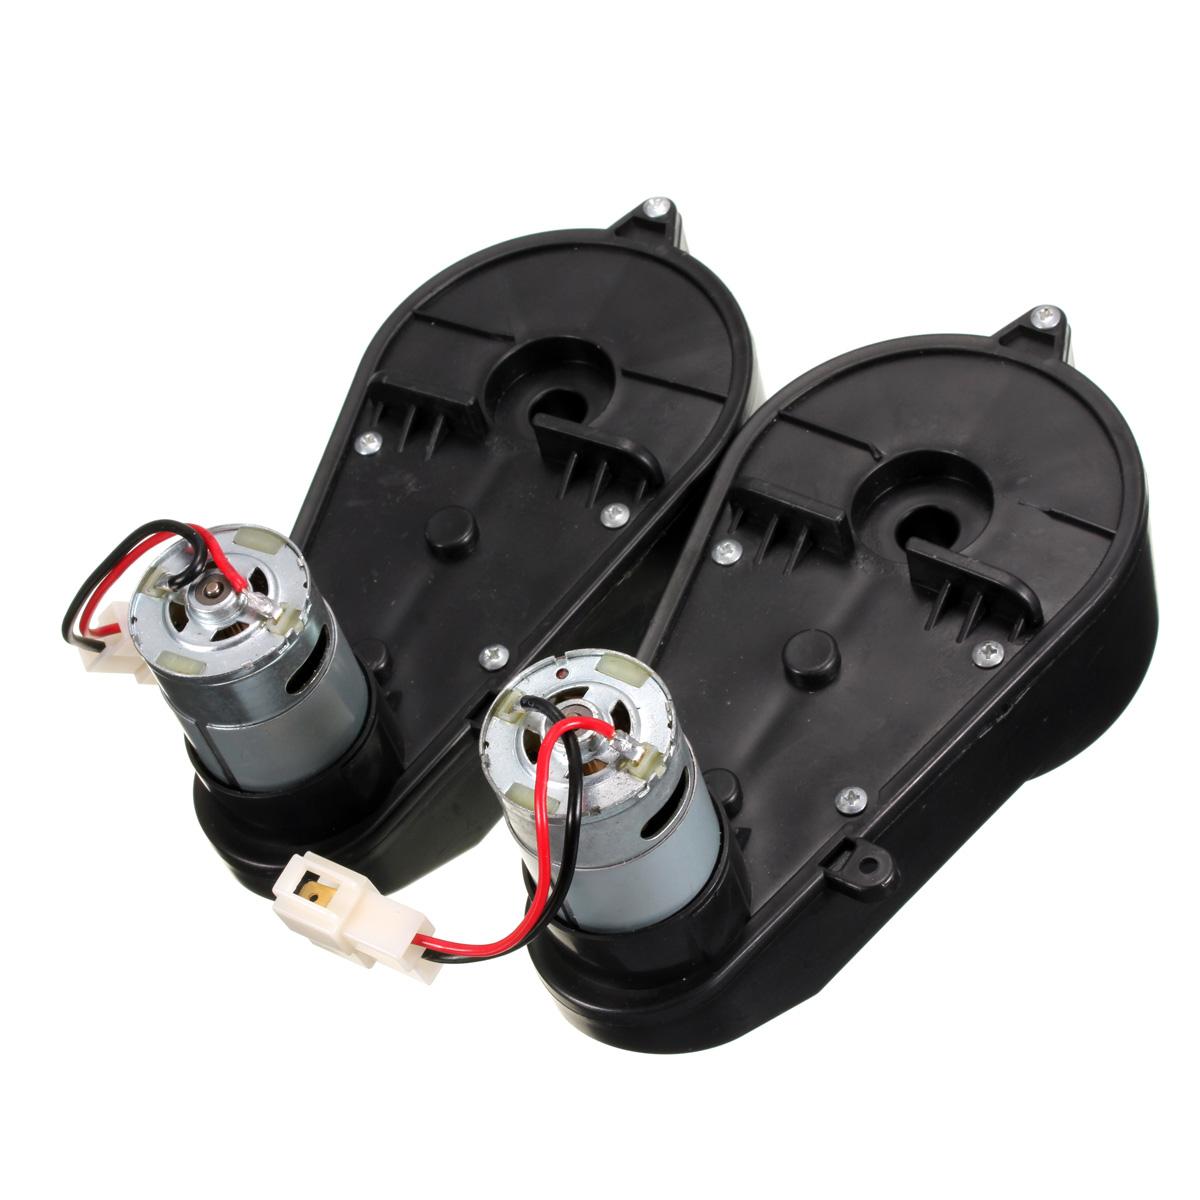 Motor Elétrico 12V Gear Box 23000RPM para as crianças Montar Carro Moto Brinquedo pouparia